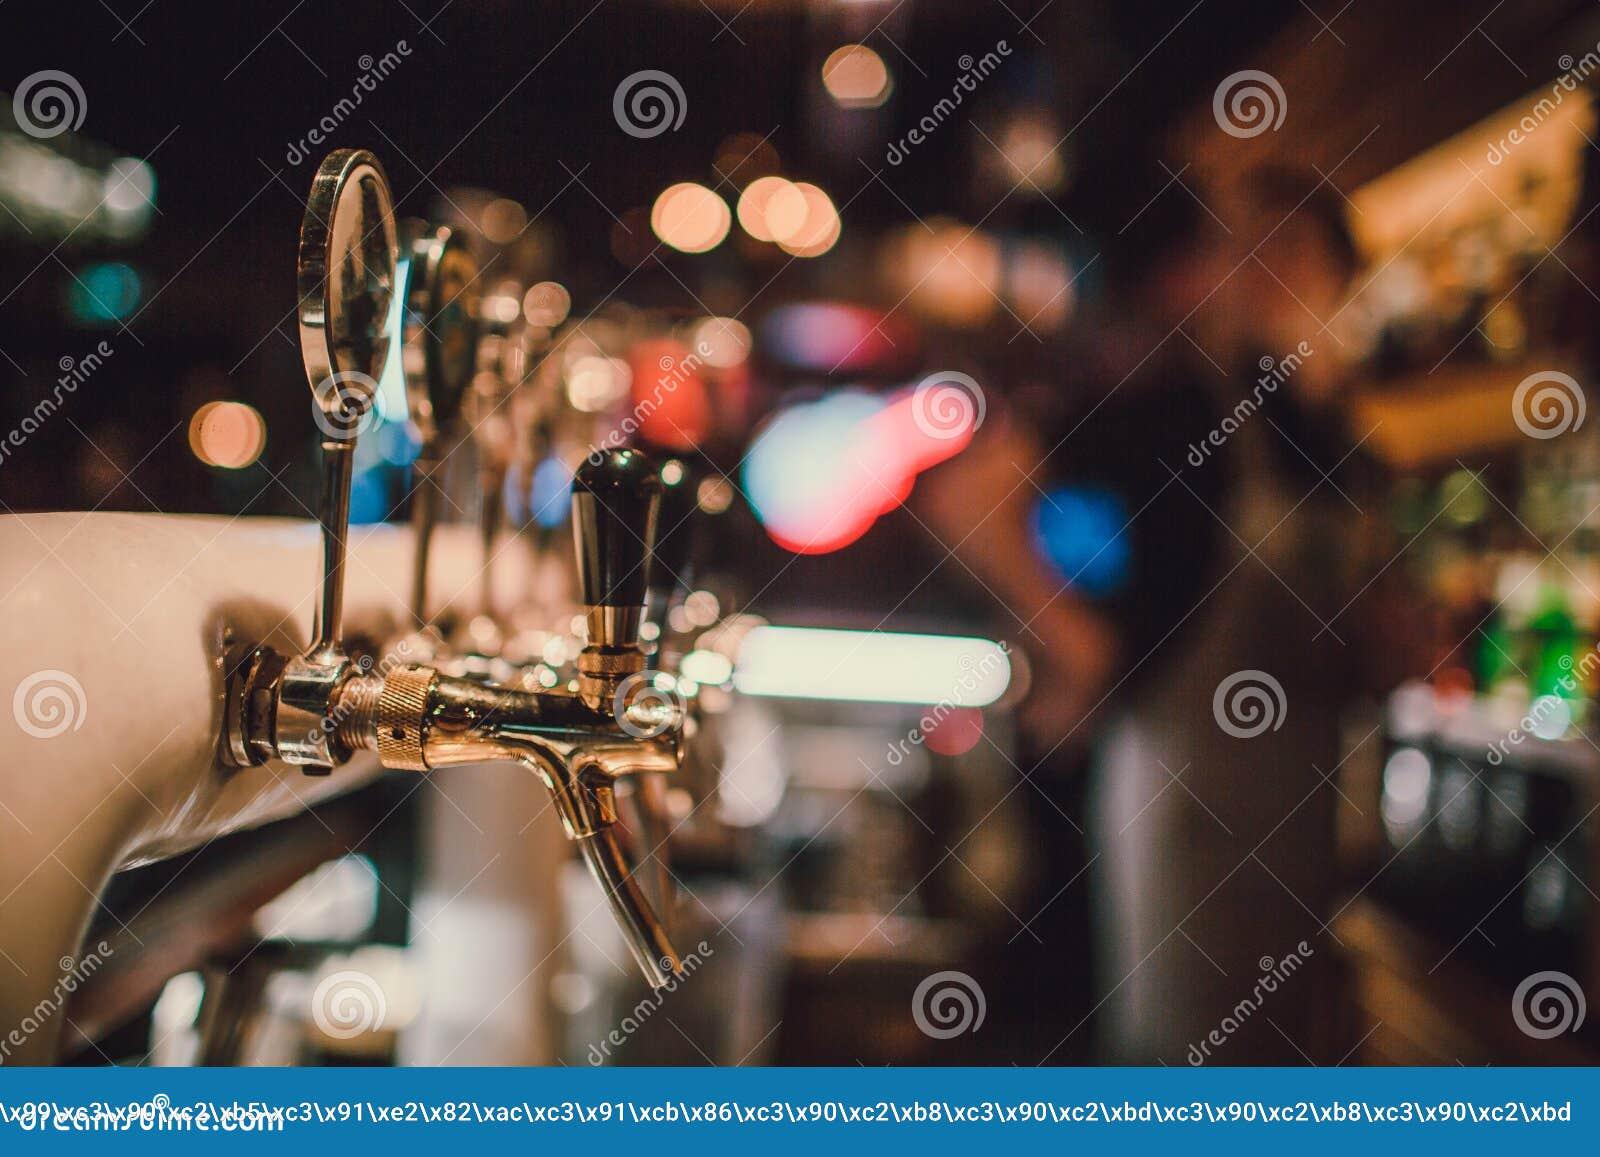 Das System des abfüllenden Bieres auf dem Tisch der Kunden in der Brauerei